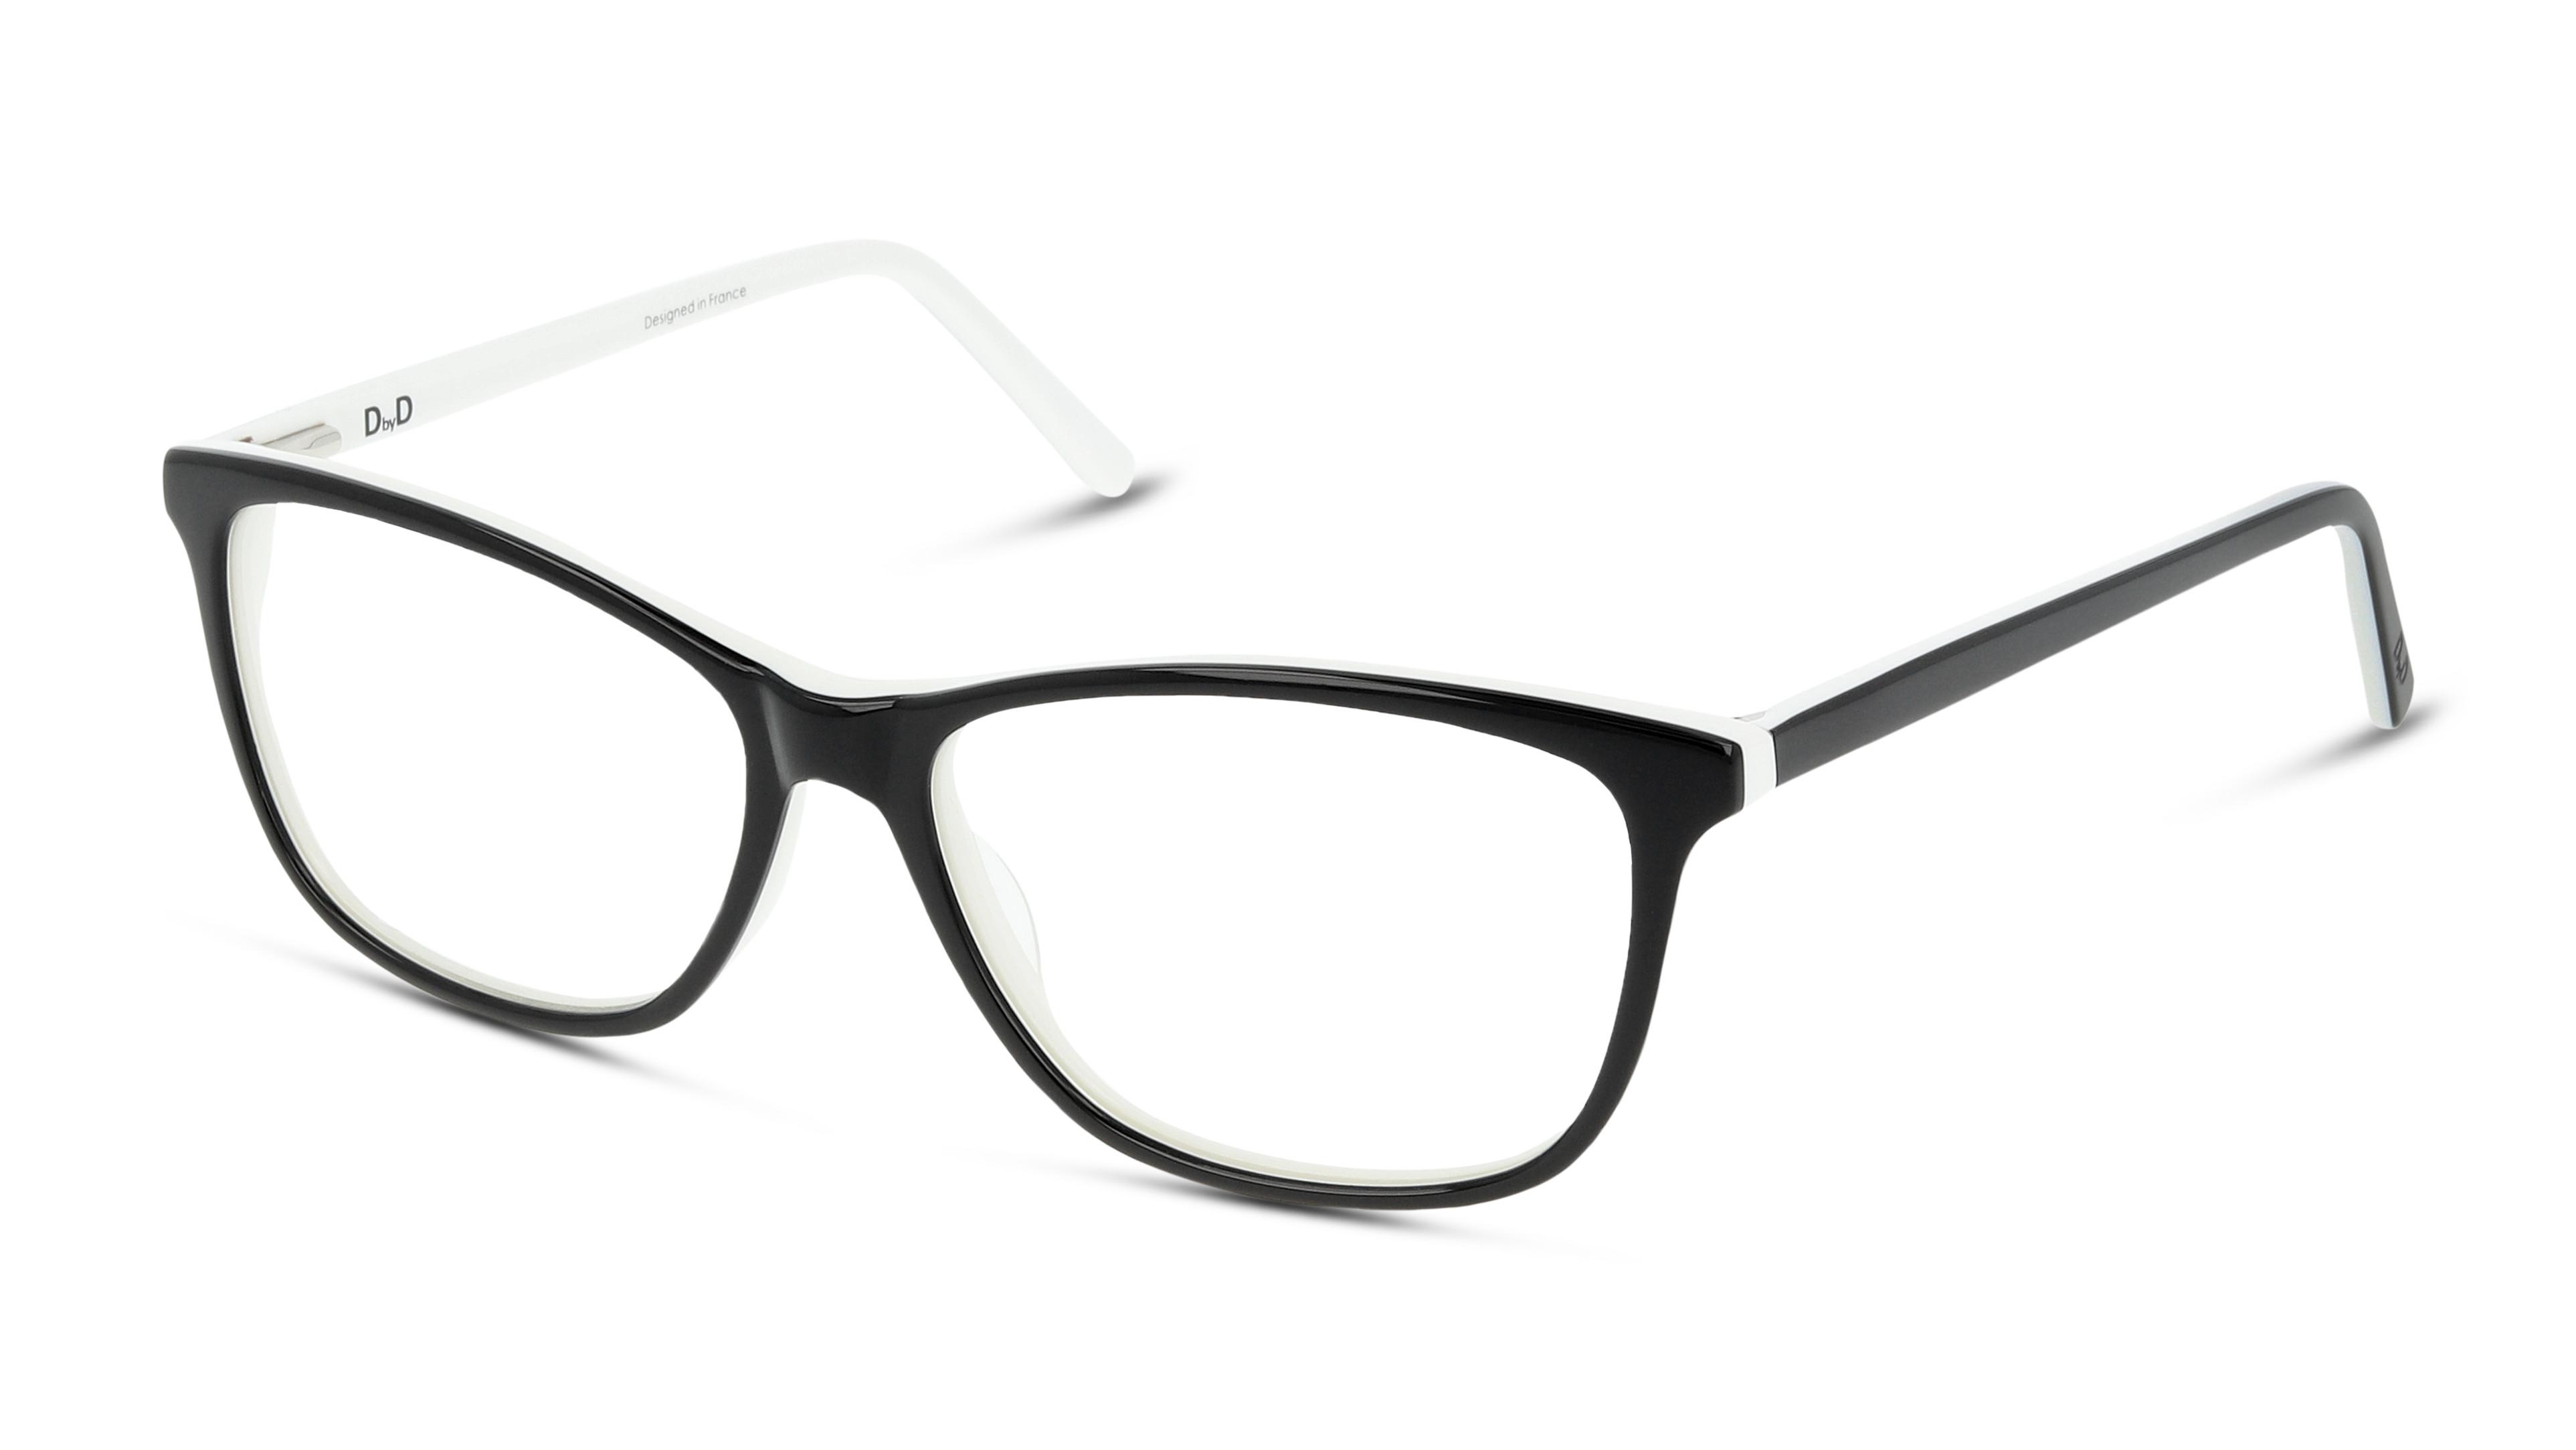 8719154730726-angle-03-dbyd-dbof0001-eyewear-black-white